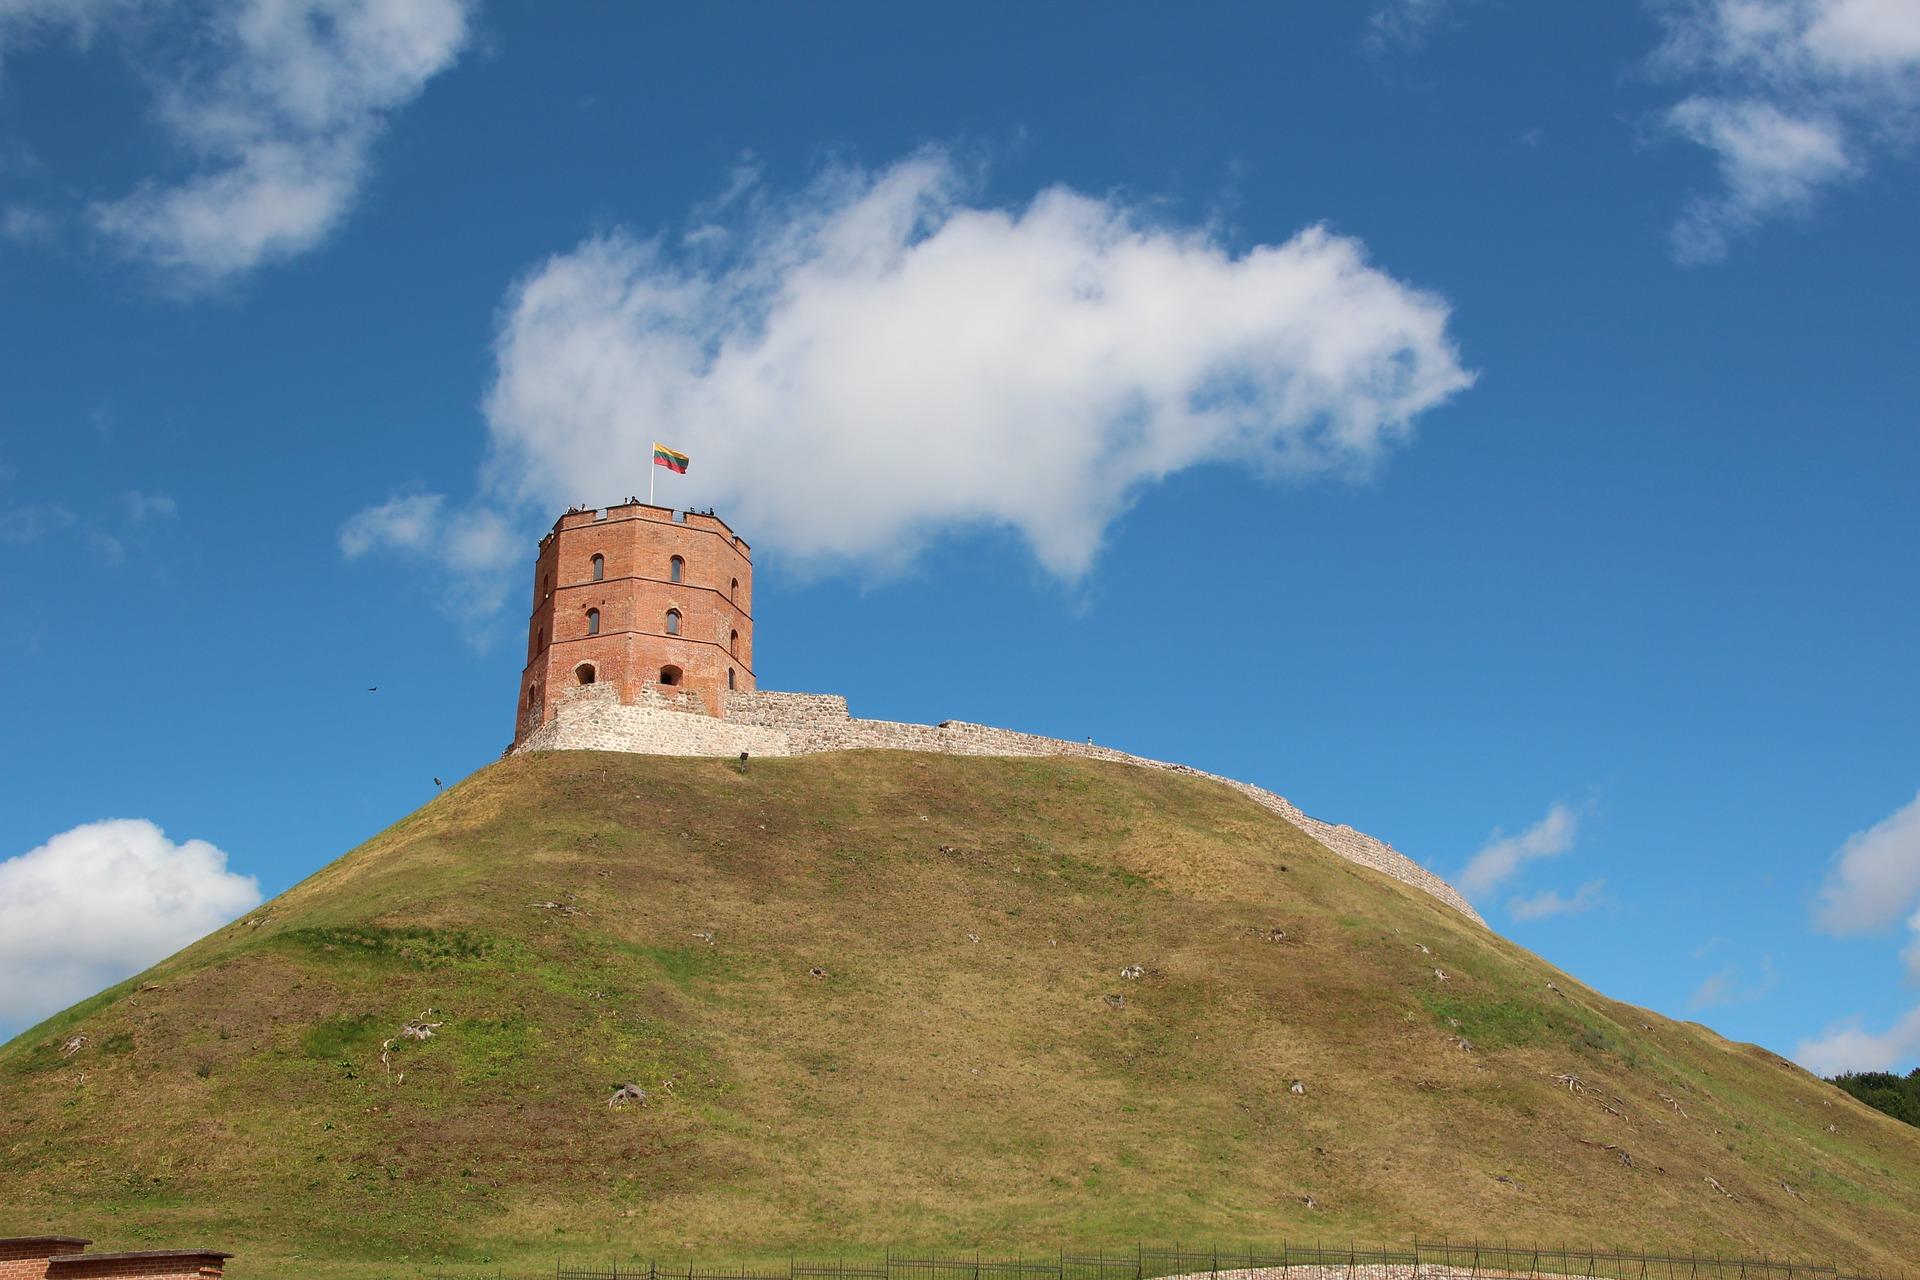 Städtereise nach Vilnius , Litauen 2 Nächte ab 48,48€ - Flug & Hotel